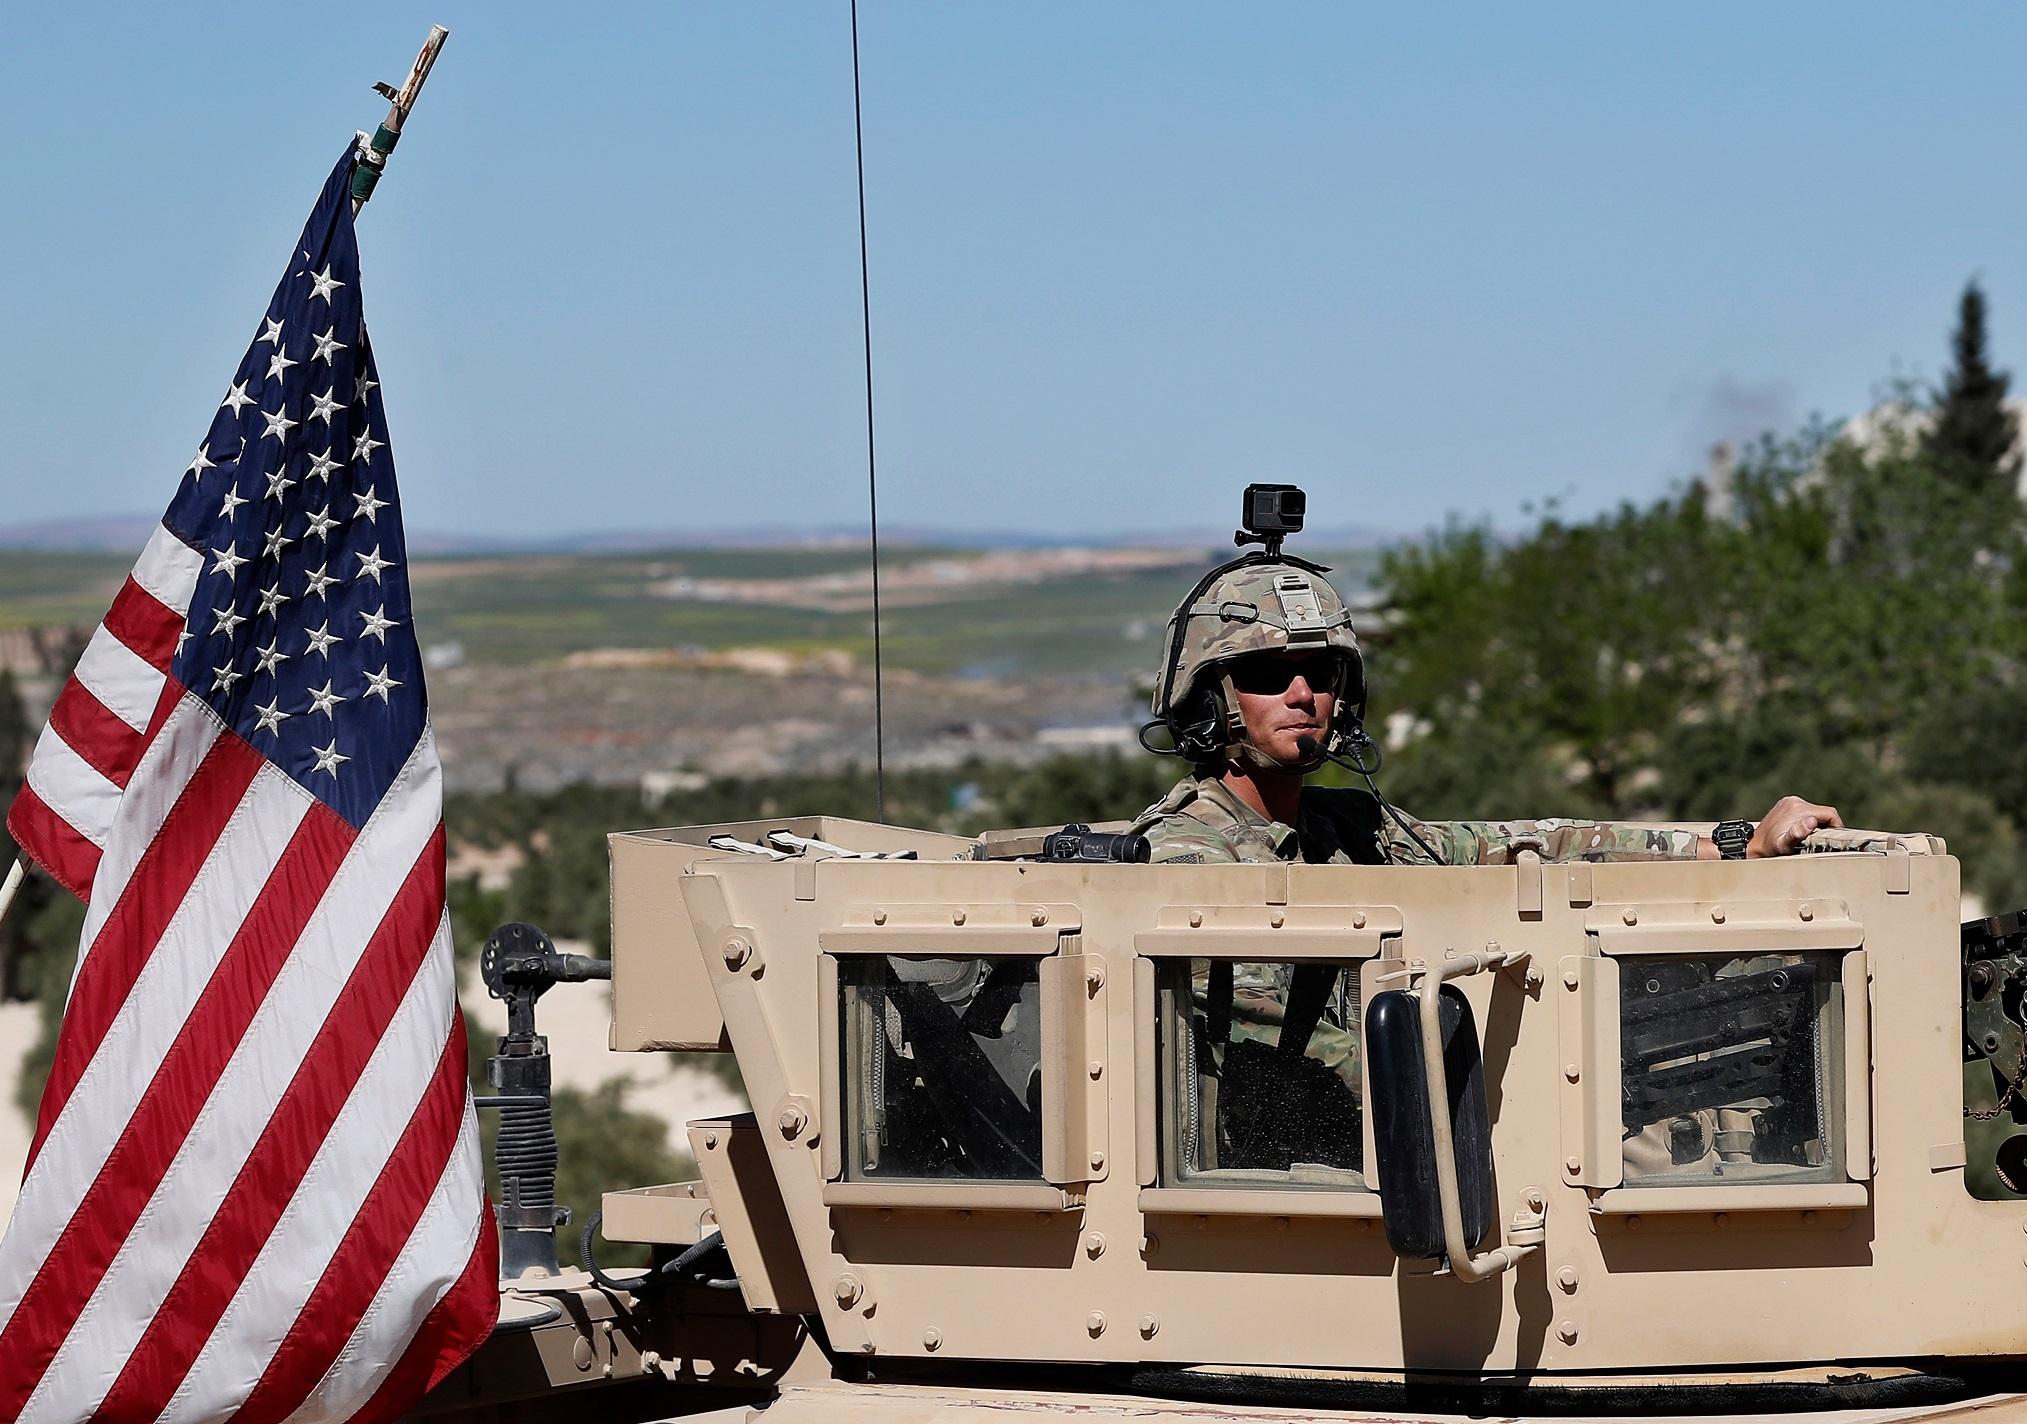 Tướng Iran chỉ ra lý do Trump buộc phải rút quân khỏi Syria - Hình 1